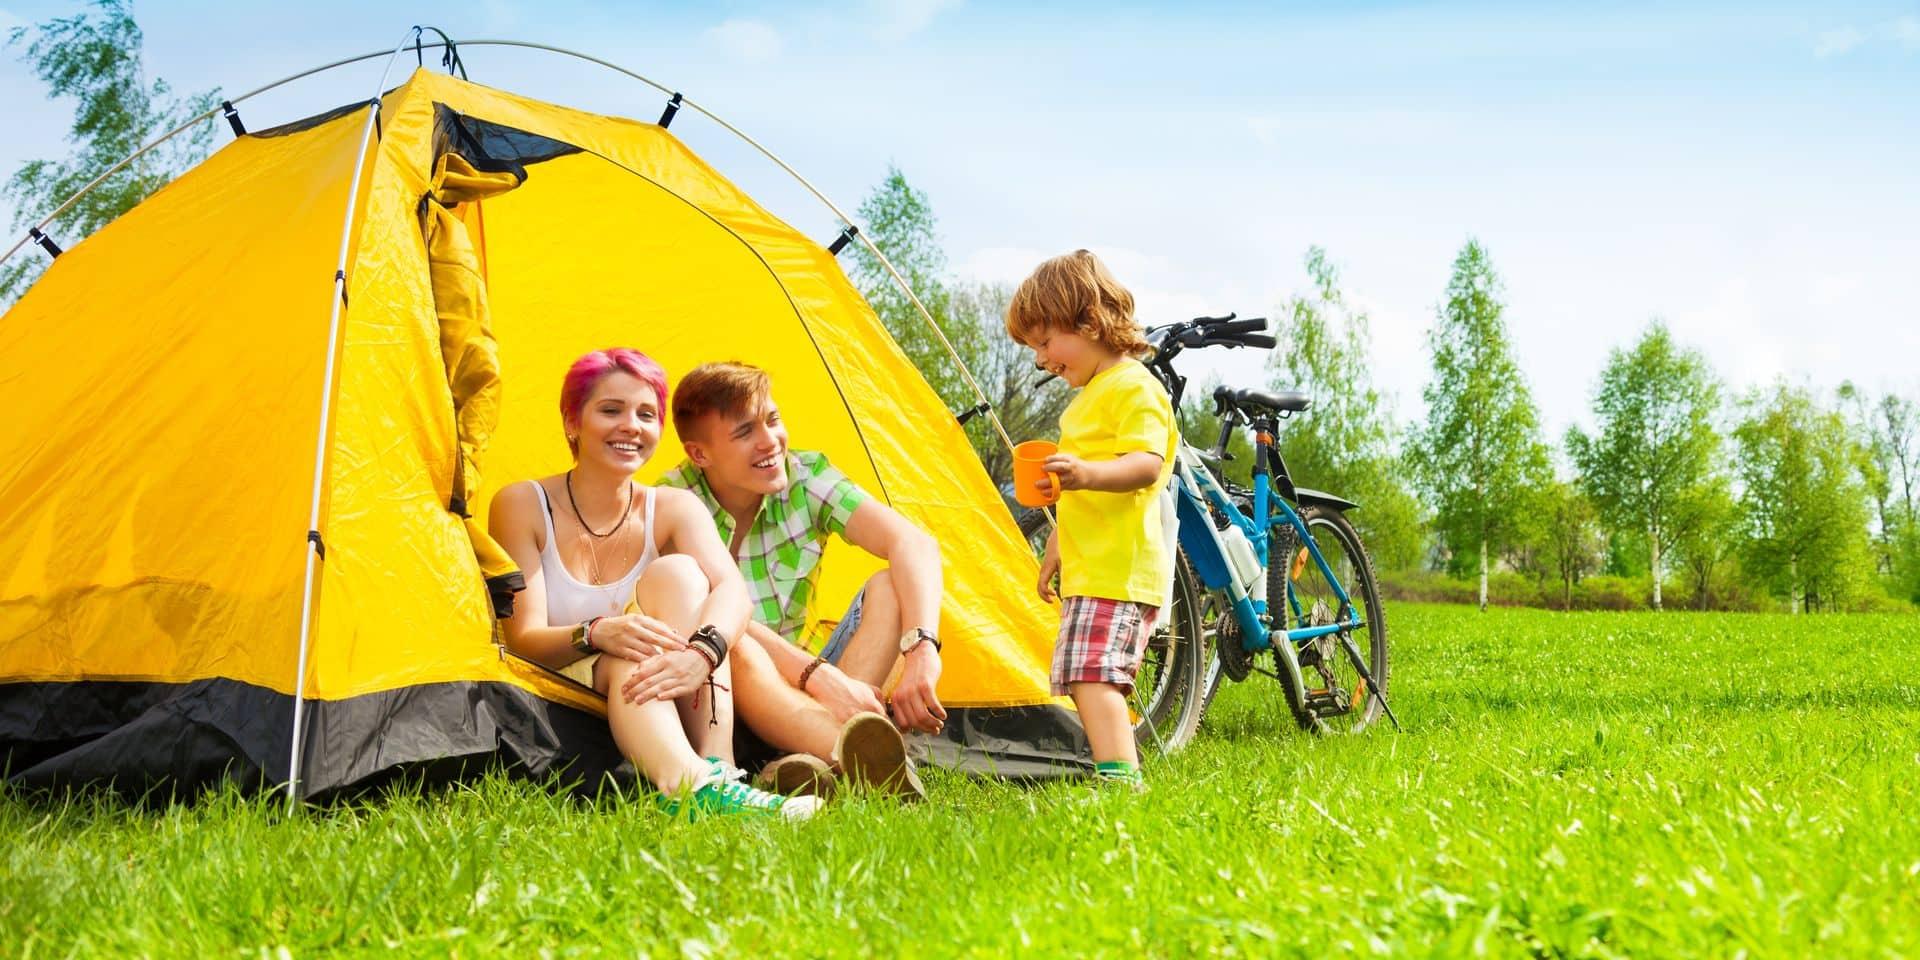 Tentes, vélos, etc. : Decathlon se lance dans la location de matériel